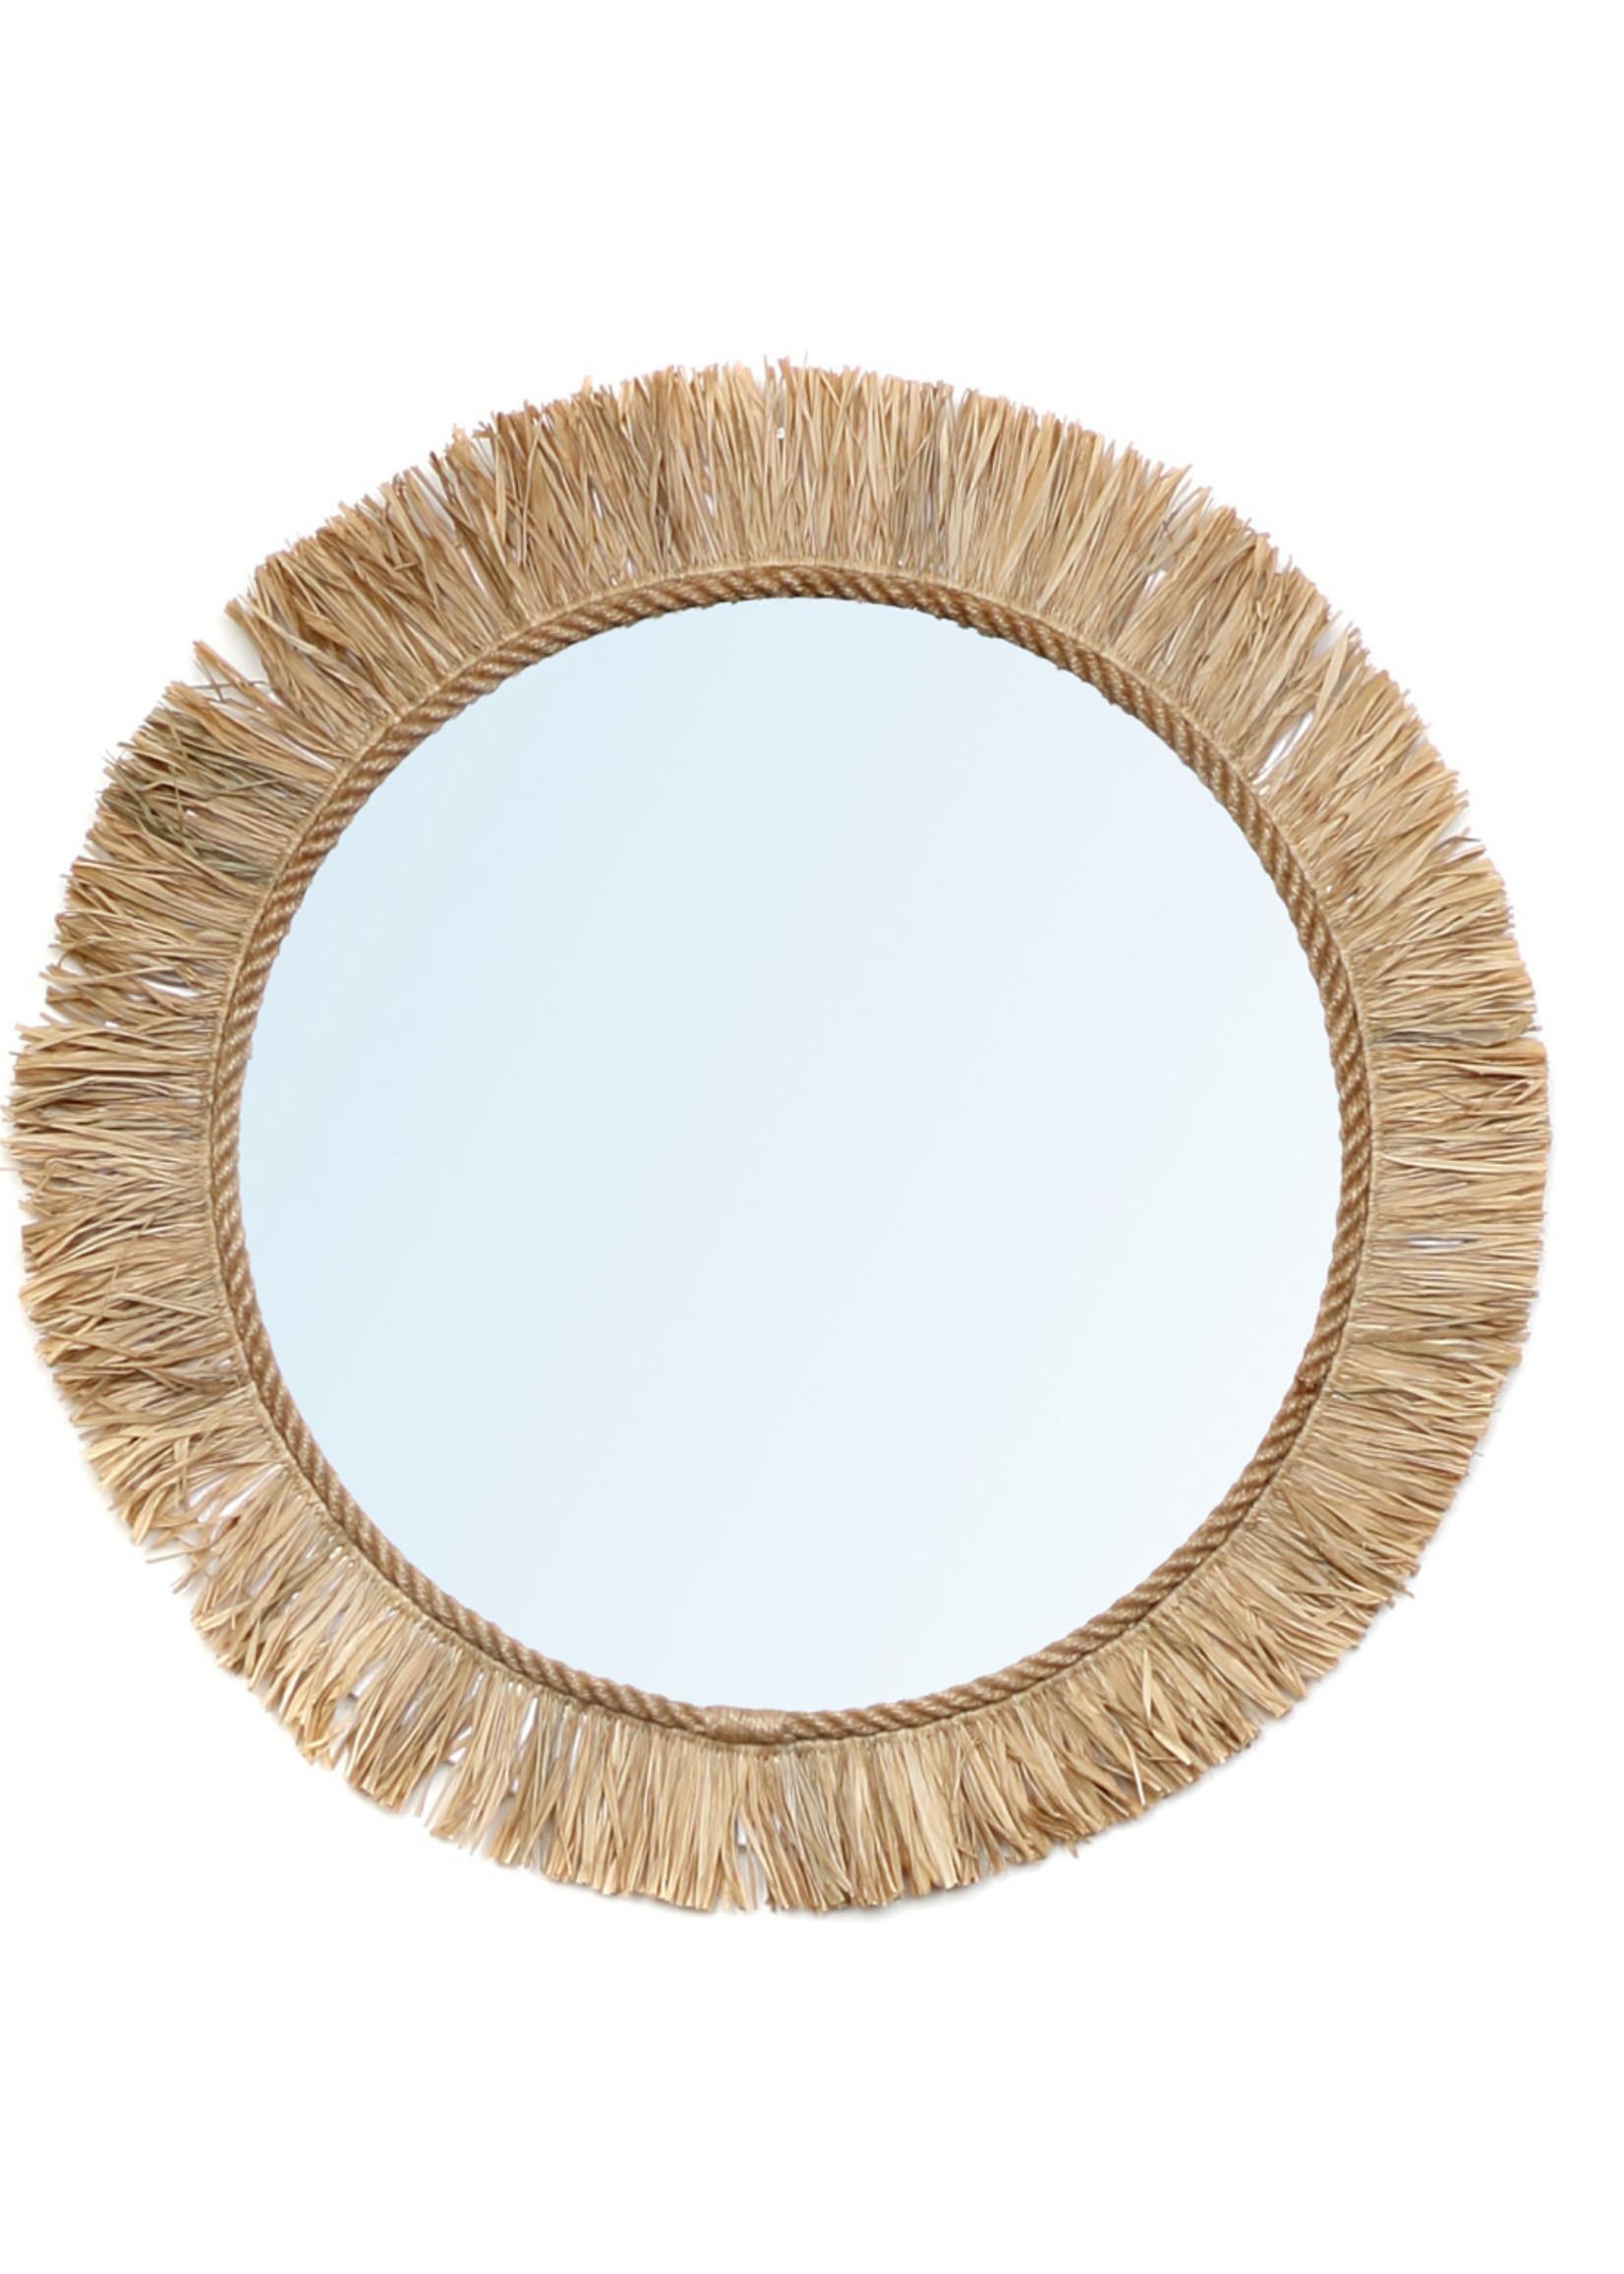 The Tahiti Mirror - Natural